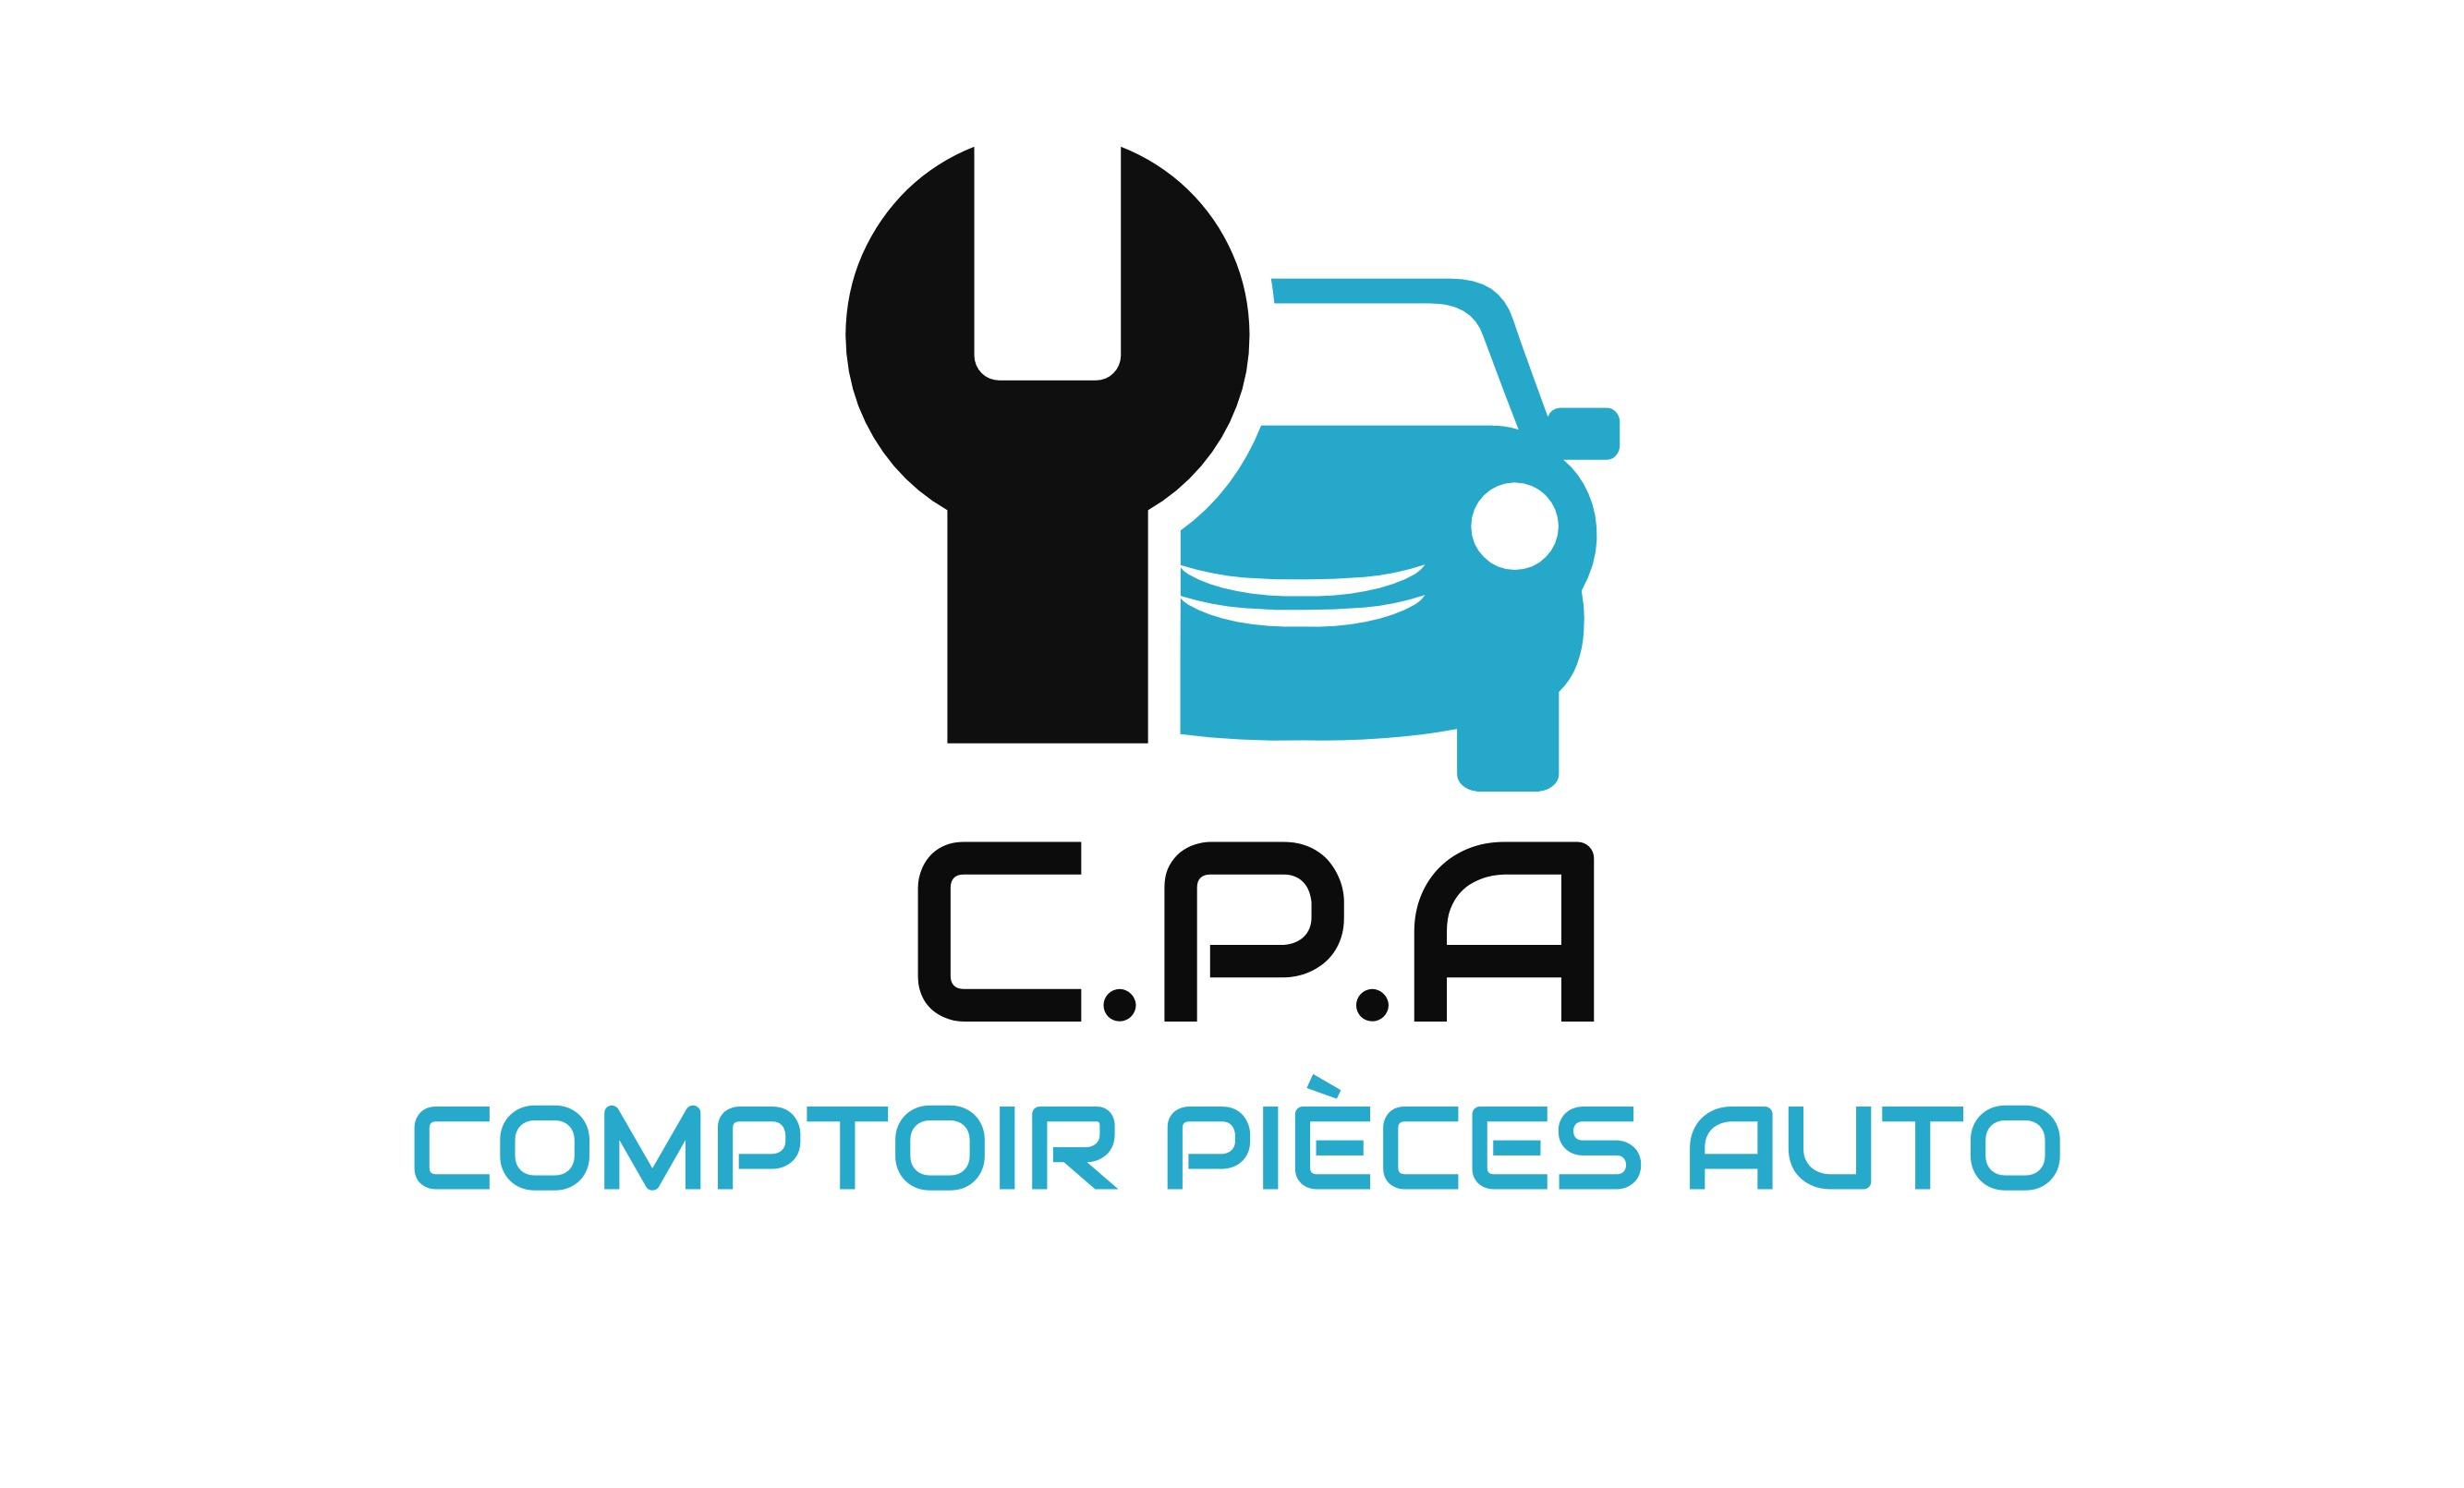 COMPTOIR PIECES AUTO